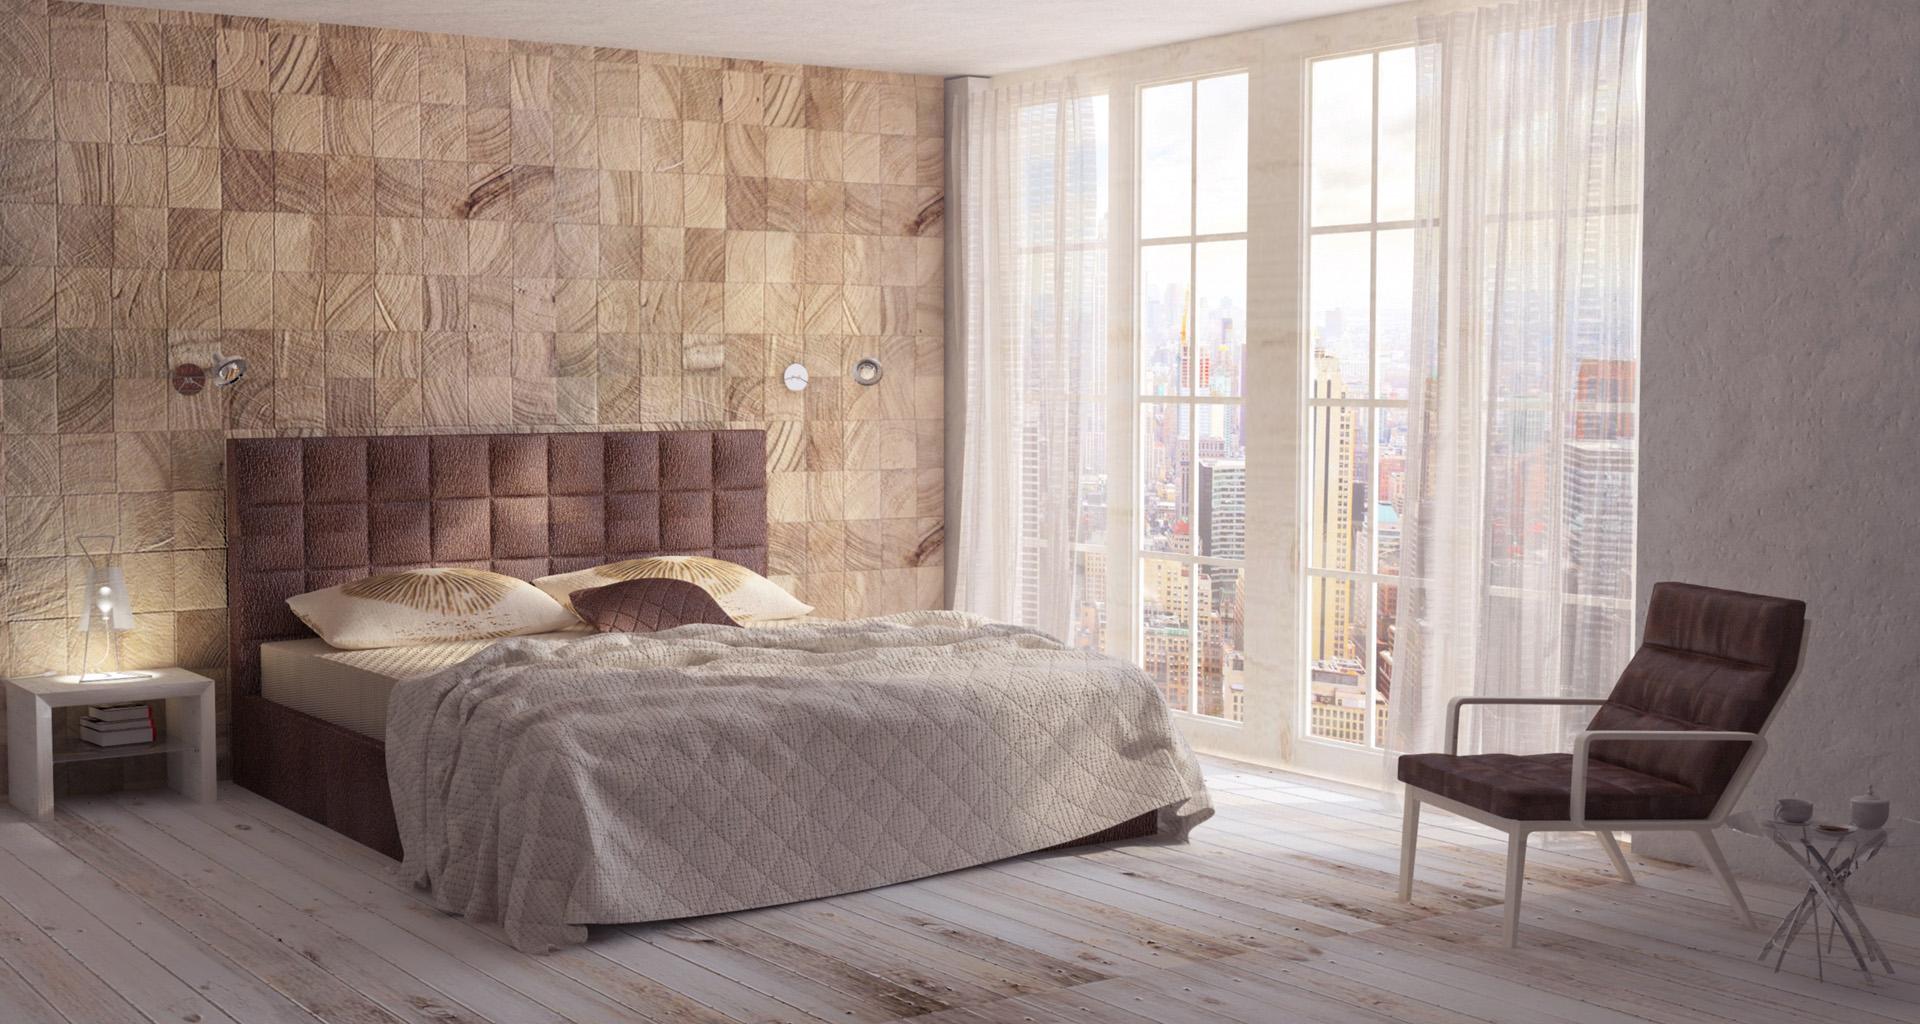 Projekt wnętrz sypialnia. M2 Architektura - Pracownia Projektowa Katowice